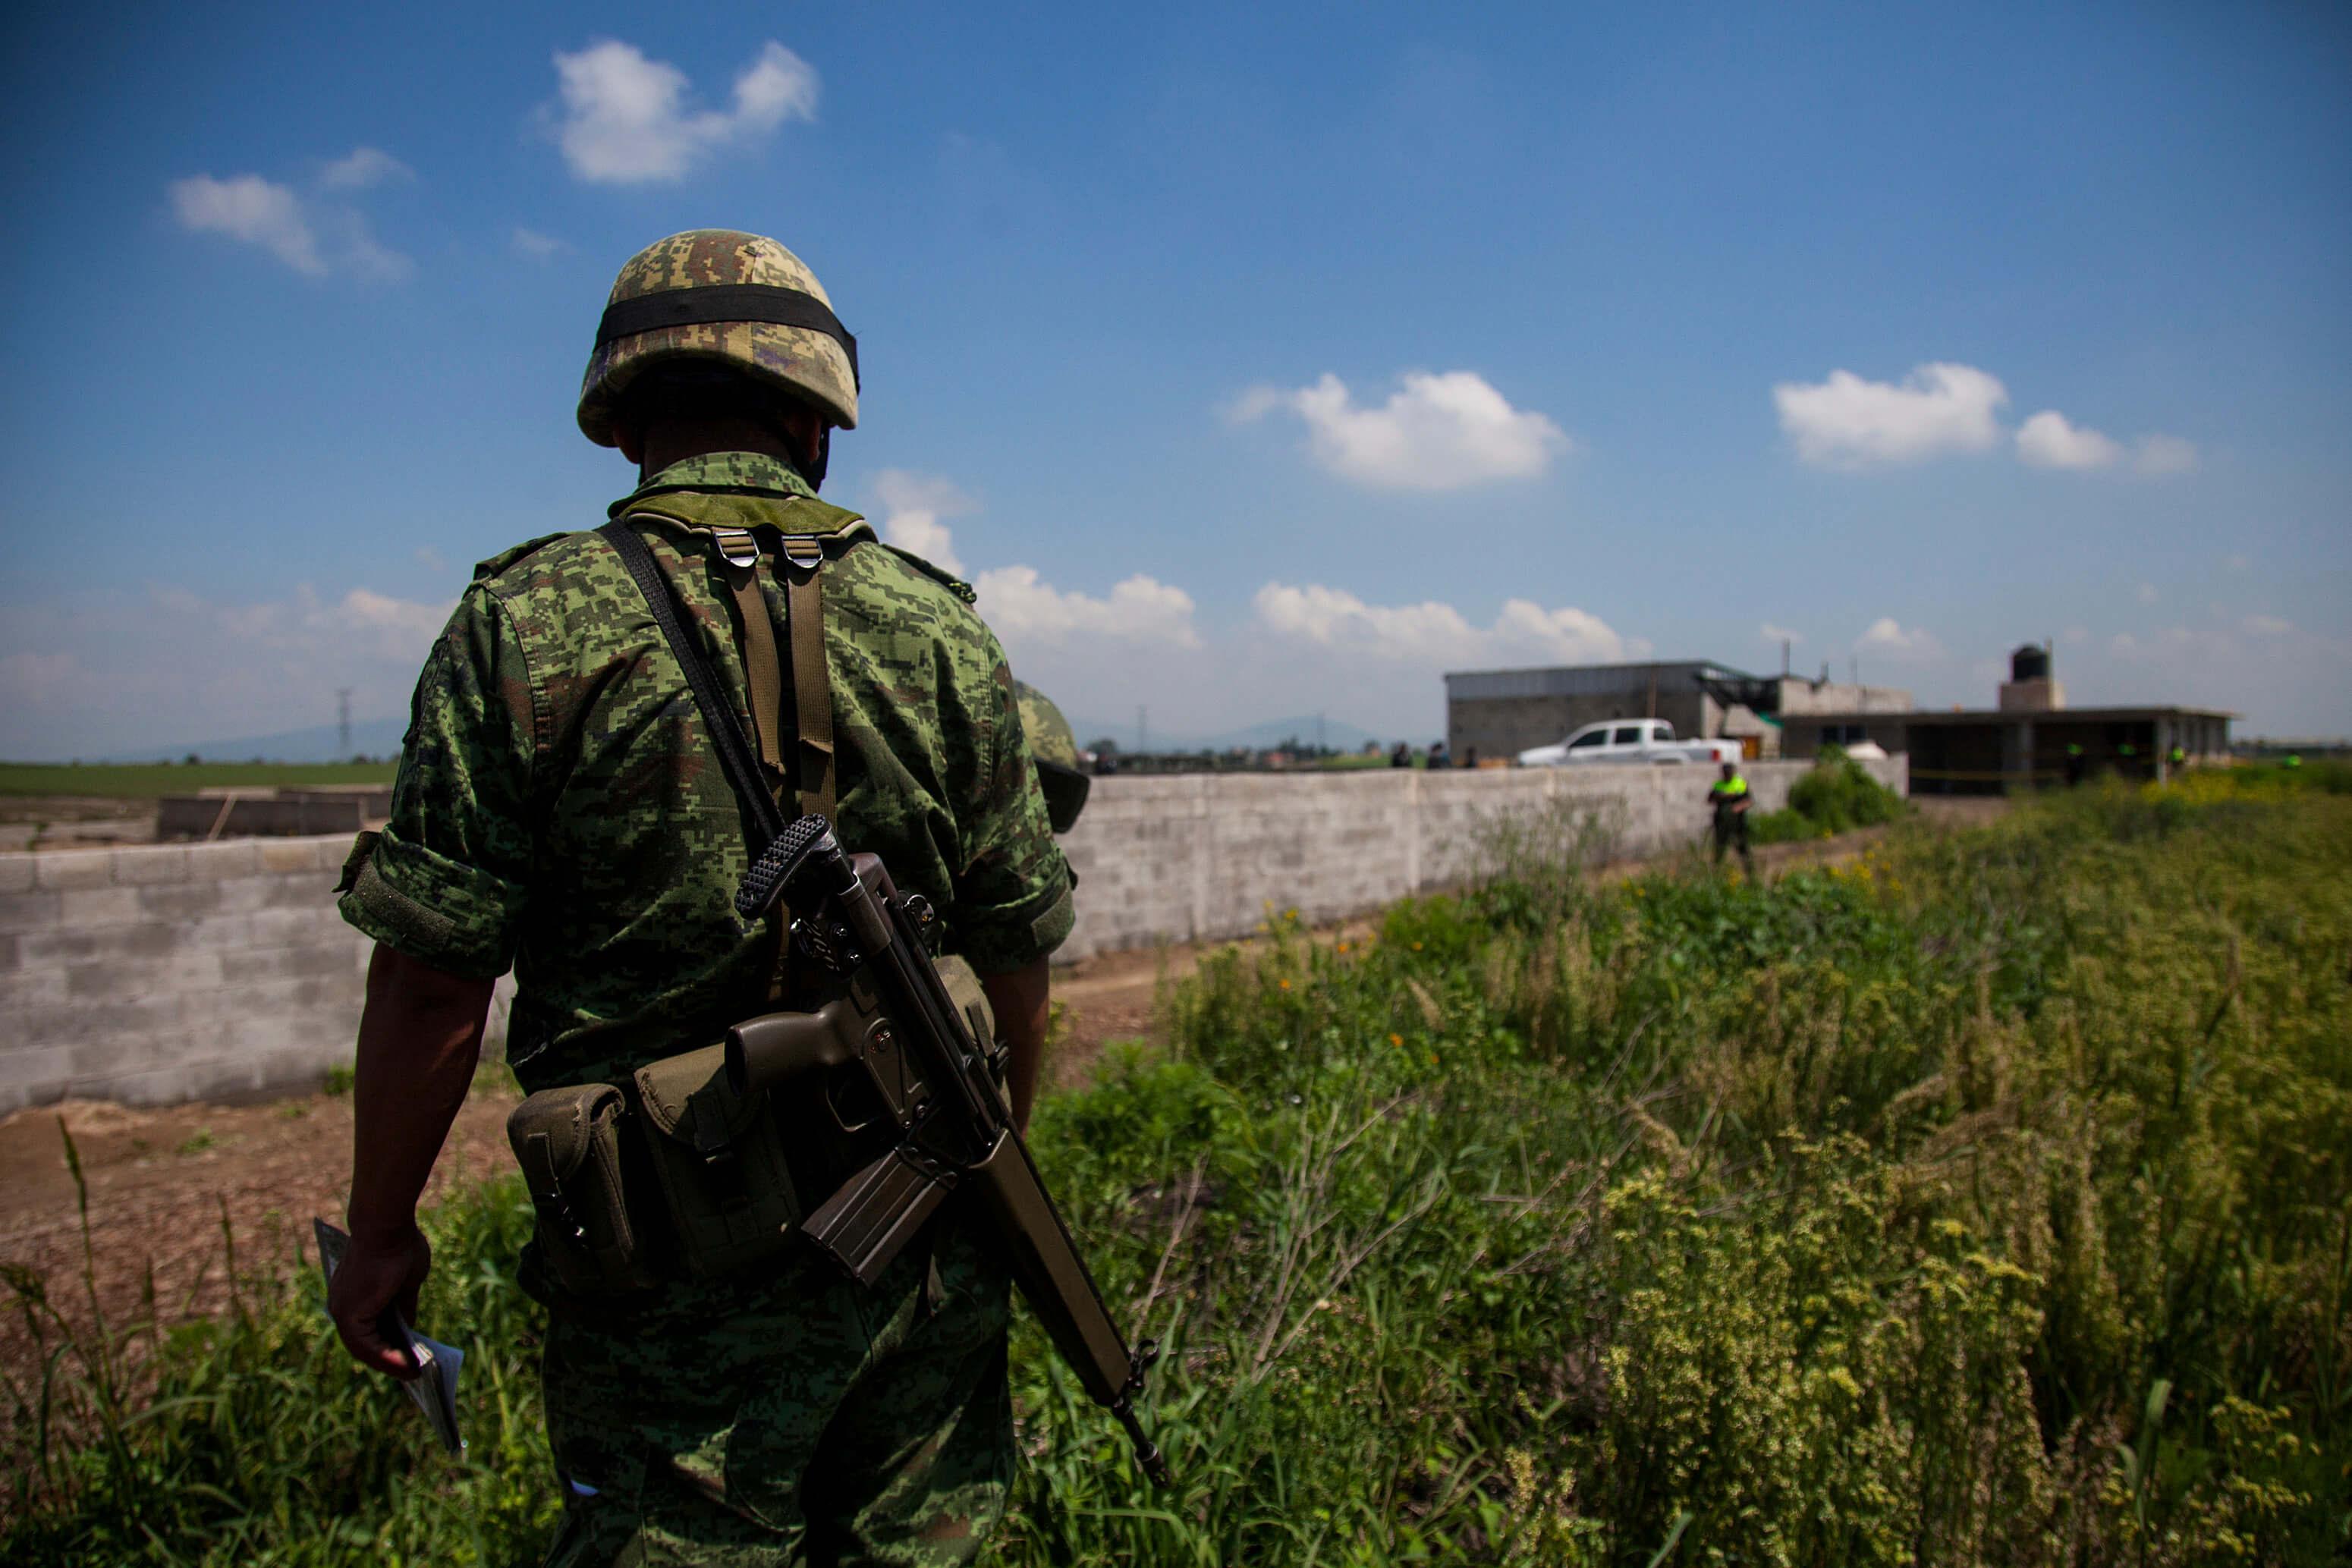 https://i0.wp.com/noticieros.televisa.com/wp-content/uploads/2017/12/soldado-del-ejercito-mexicano.jpg